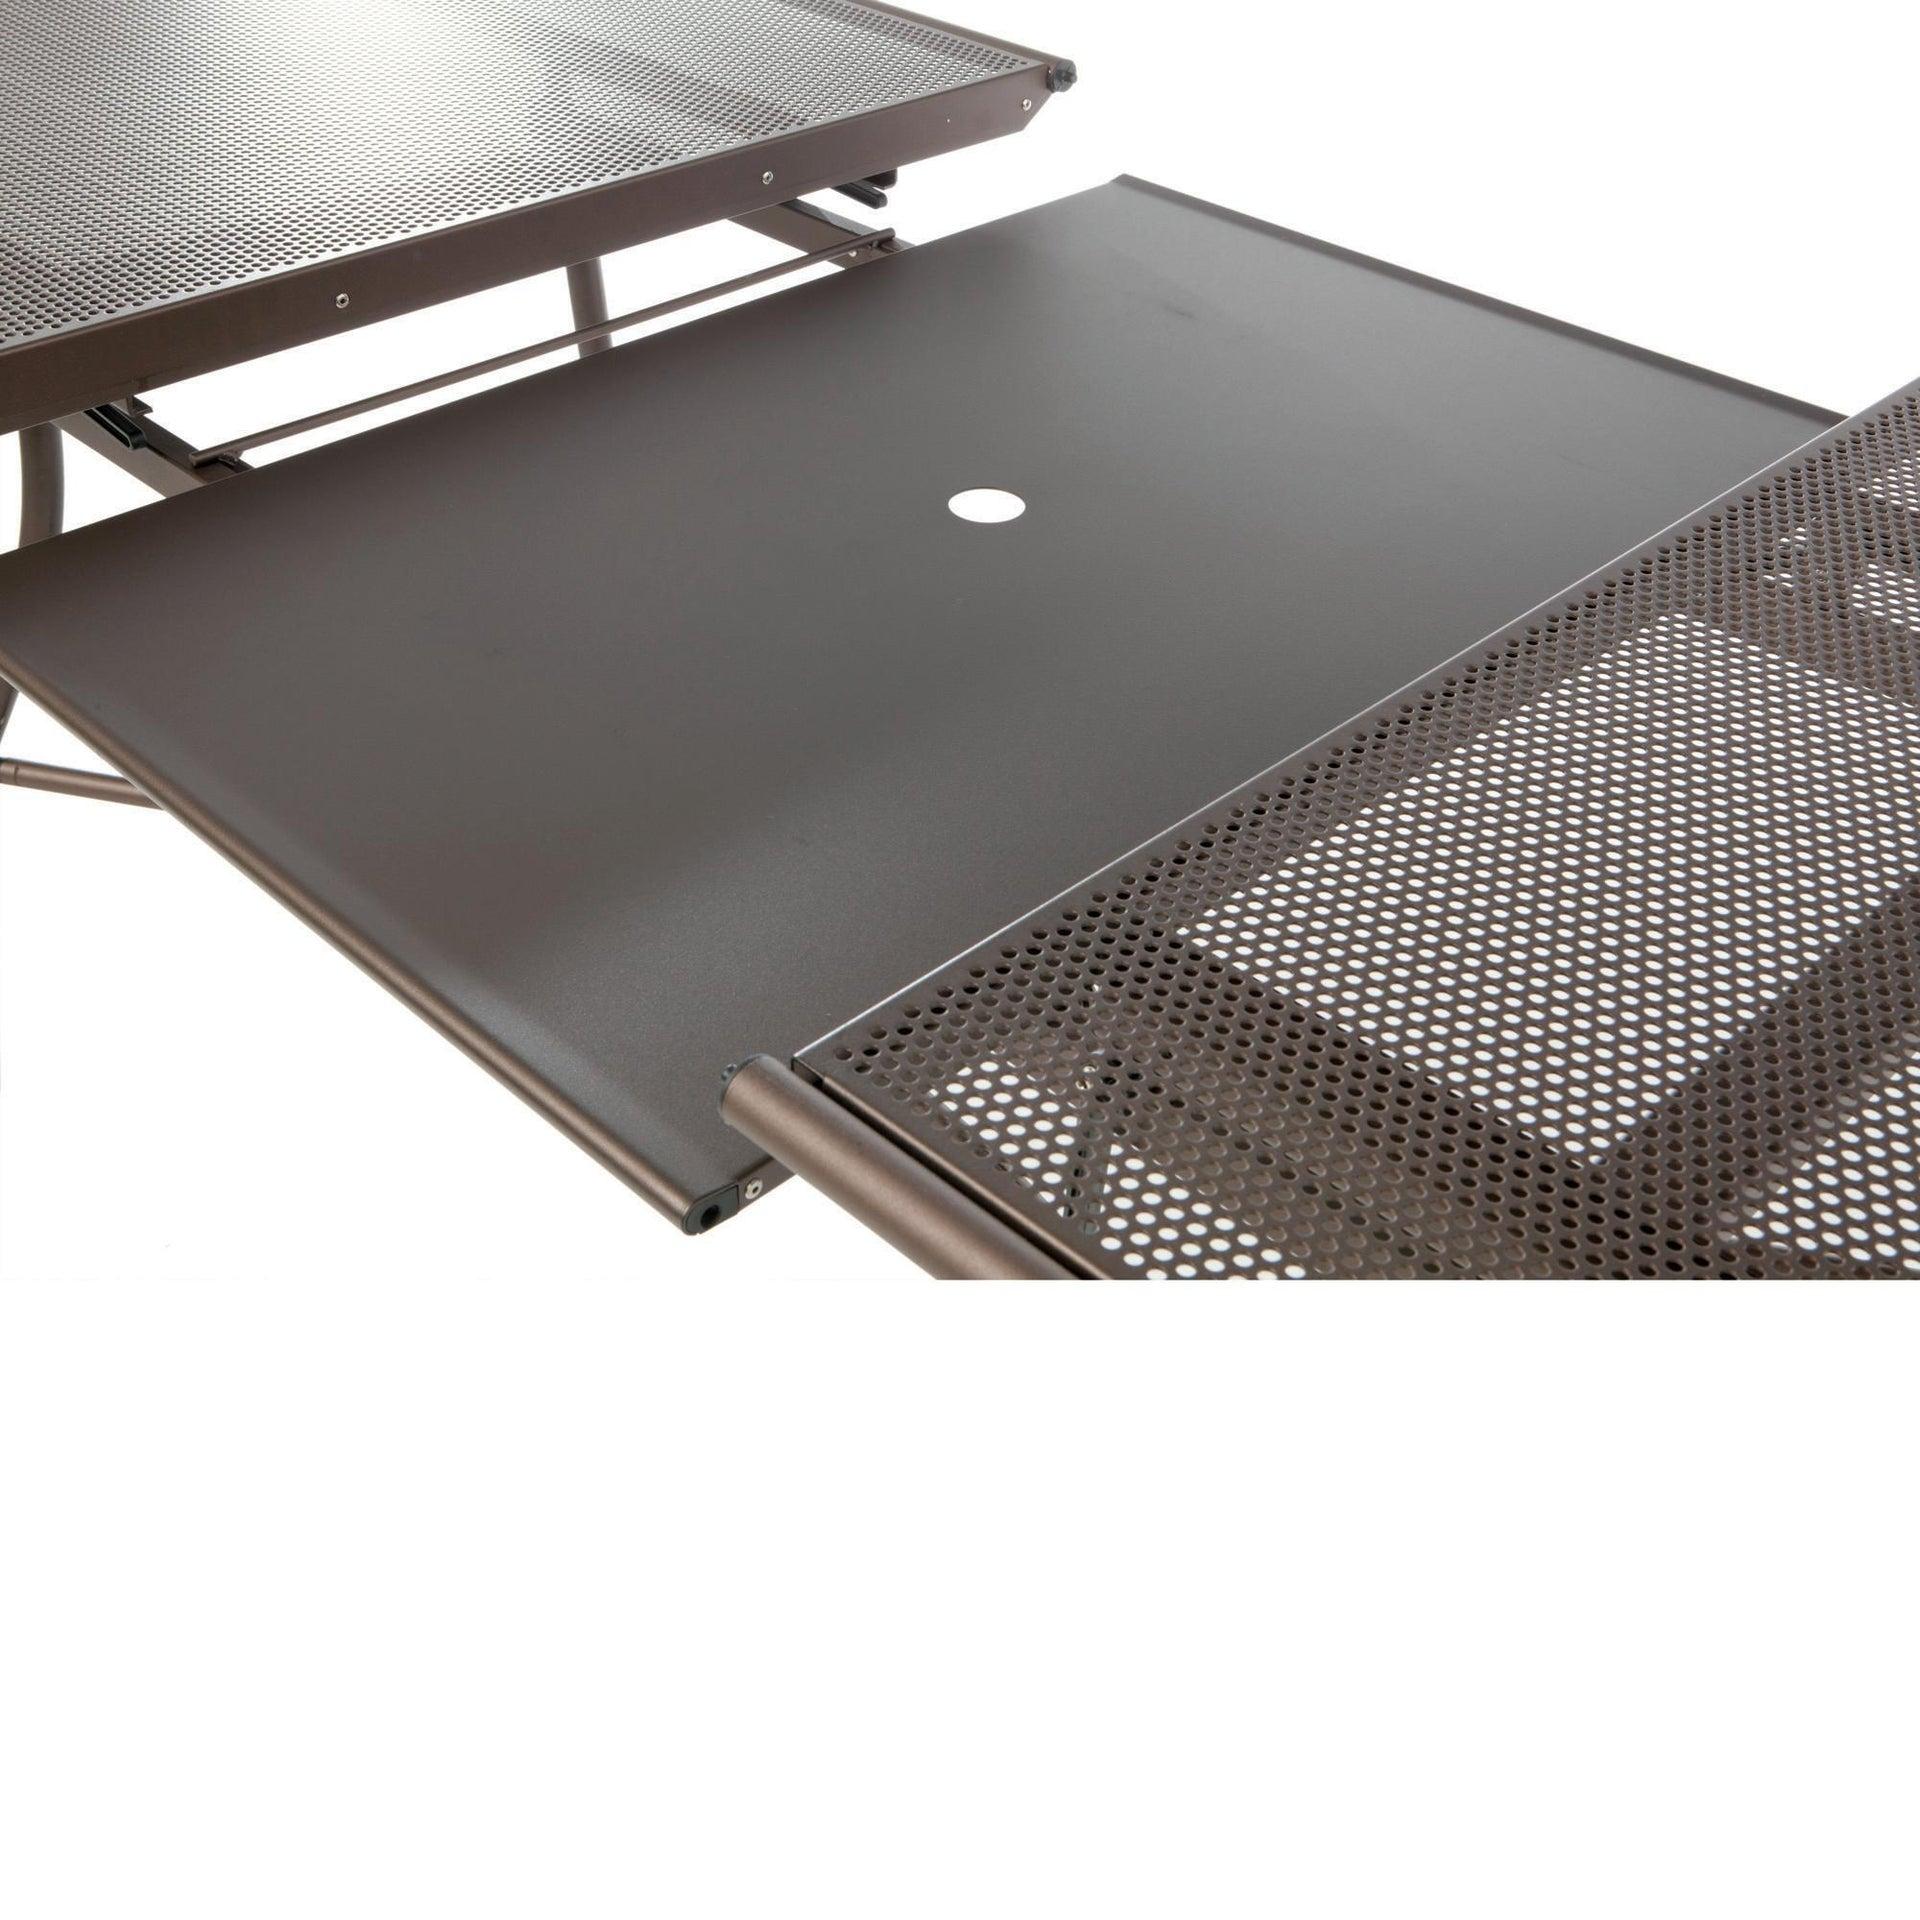 Tavolo da giardino allungabile ovale Evo con piano in alluminio L 180/240 x P 90 cm - 2